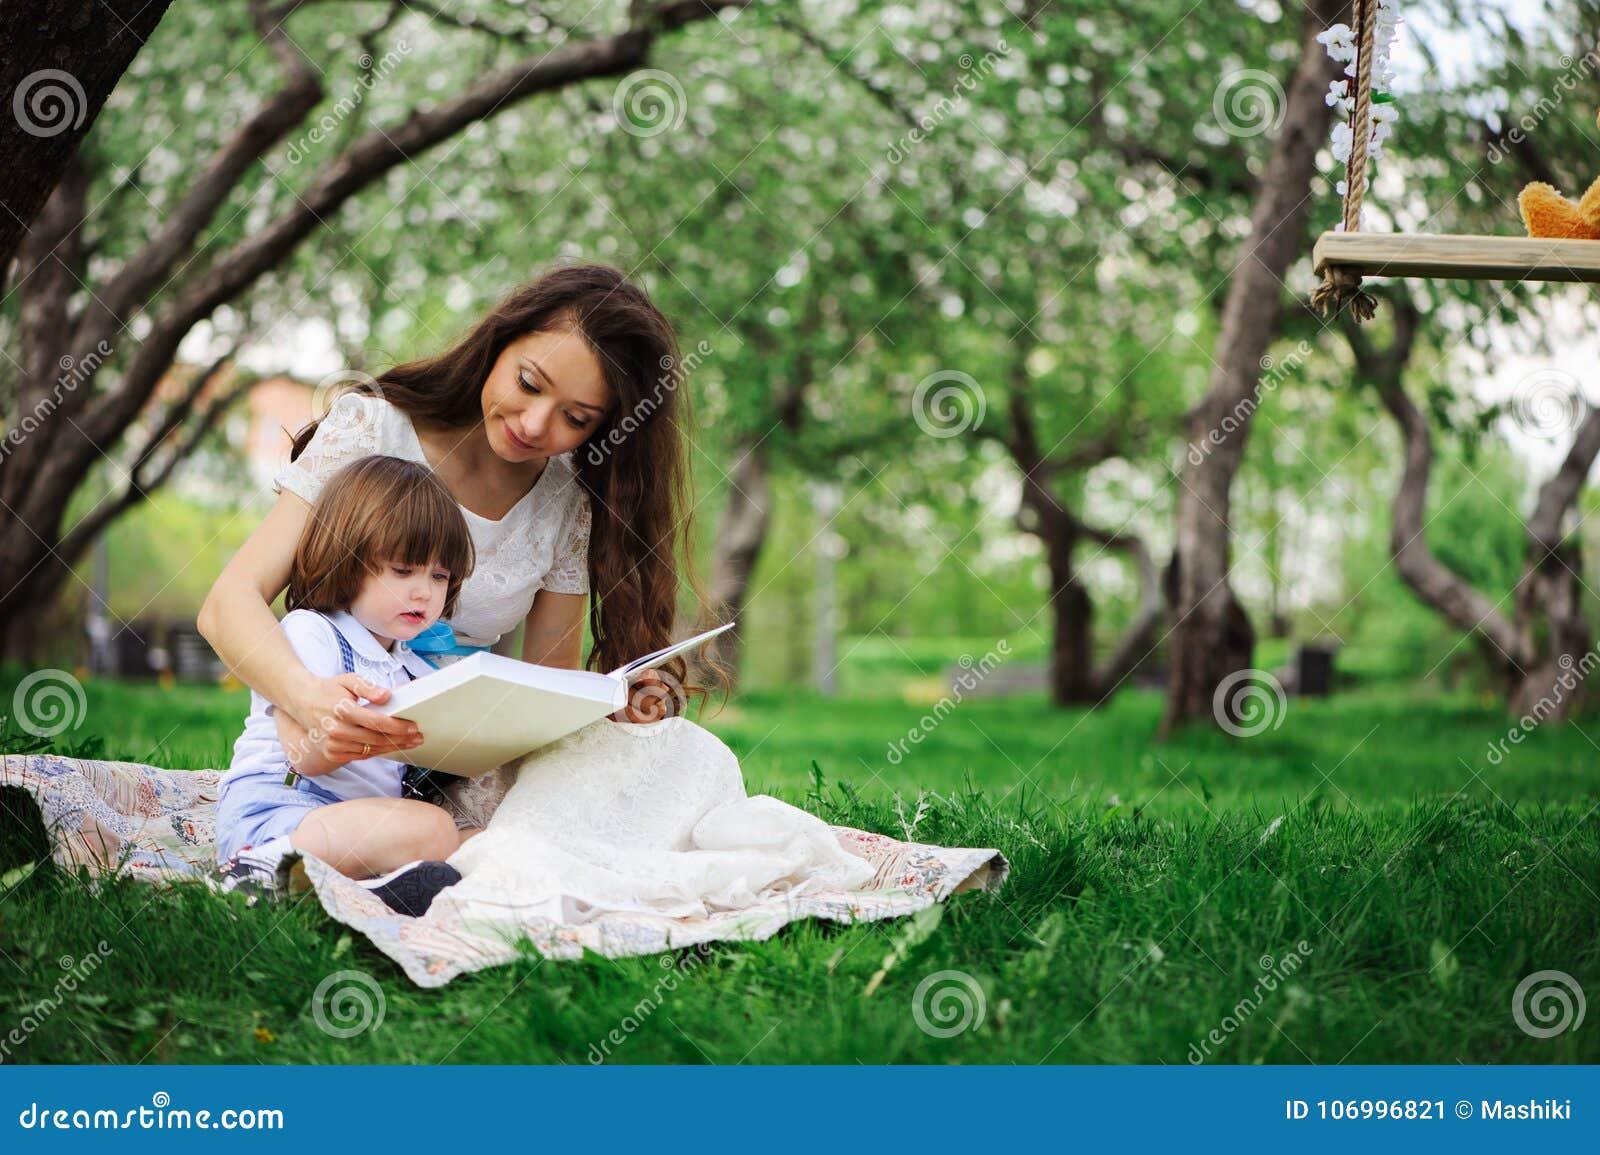 αγαπώντας το βιβλίο ανάγνωσης μητέρων στο γιο μικρών παιδιών υπαίθριο στο πικ-νίκ την άνοιξη ή το θερινό πάρκο Ευτυχής ημέρα οικο